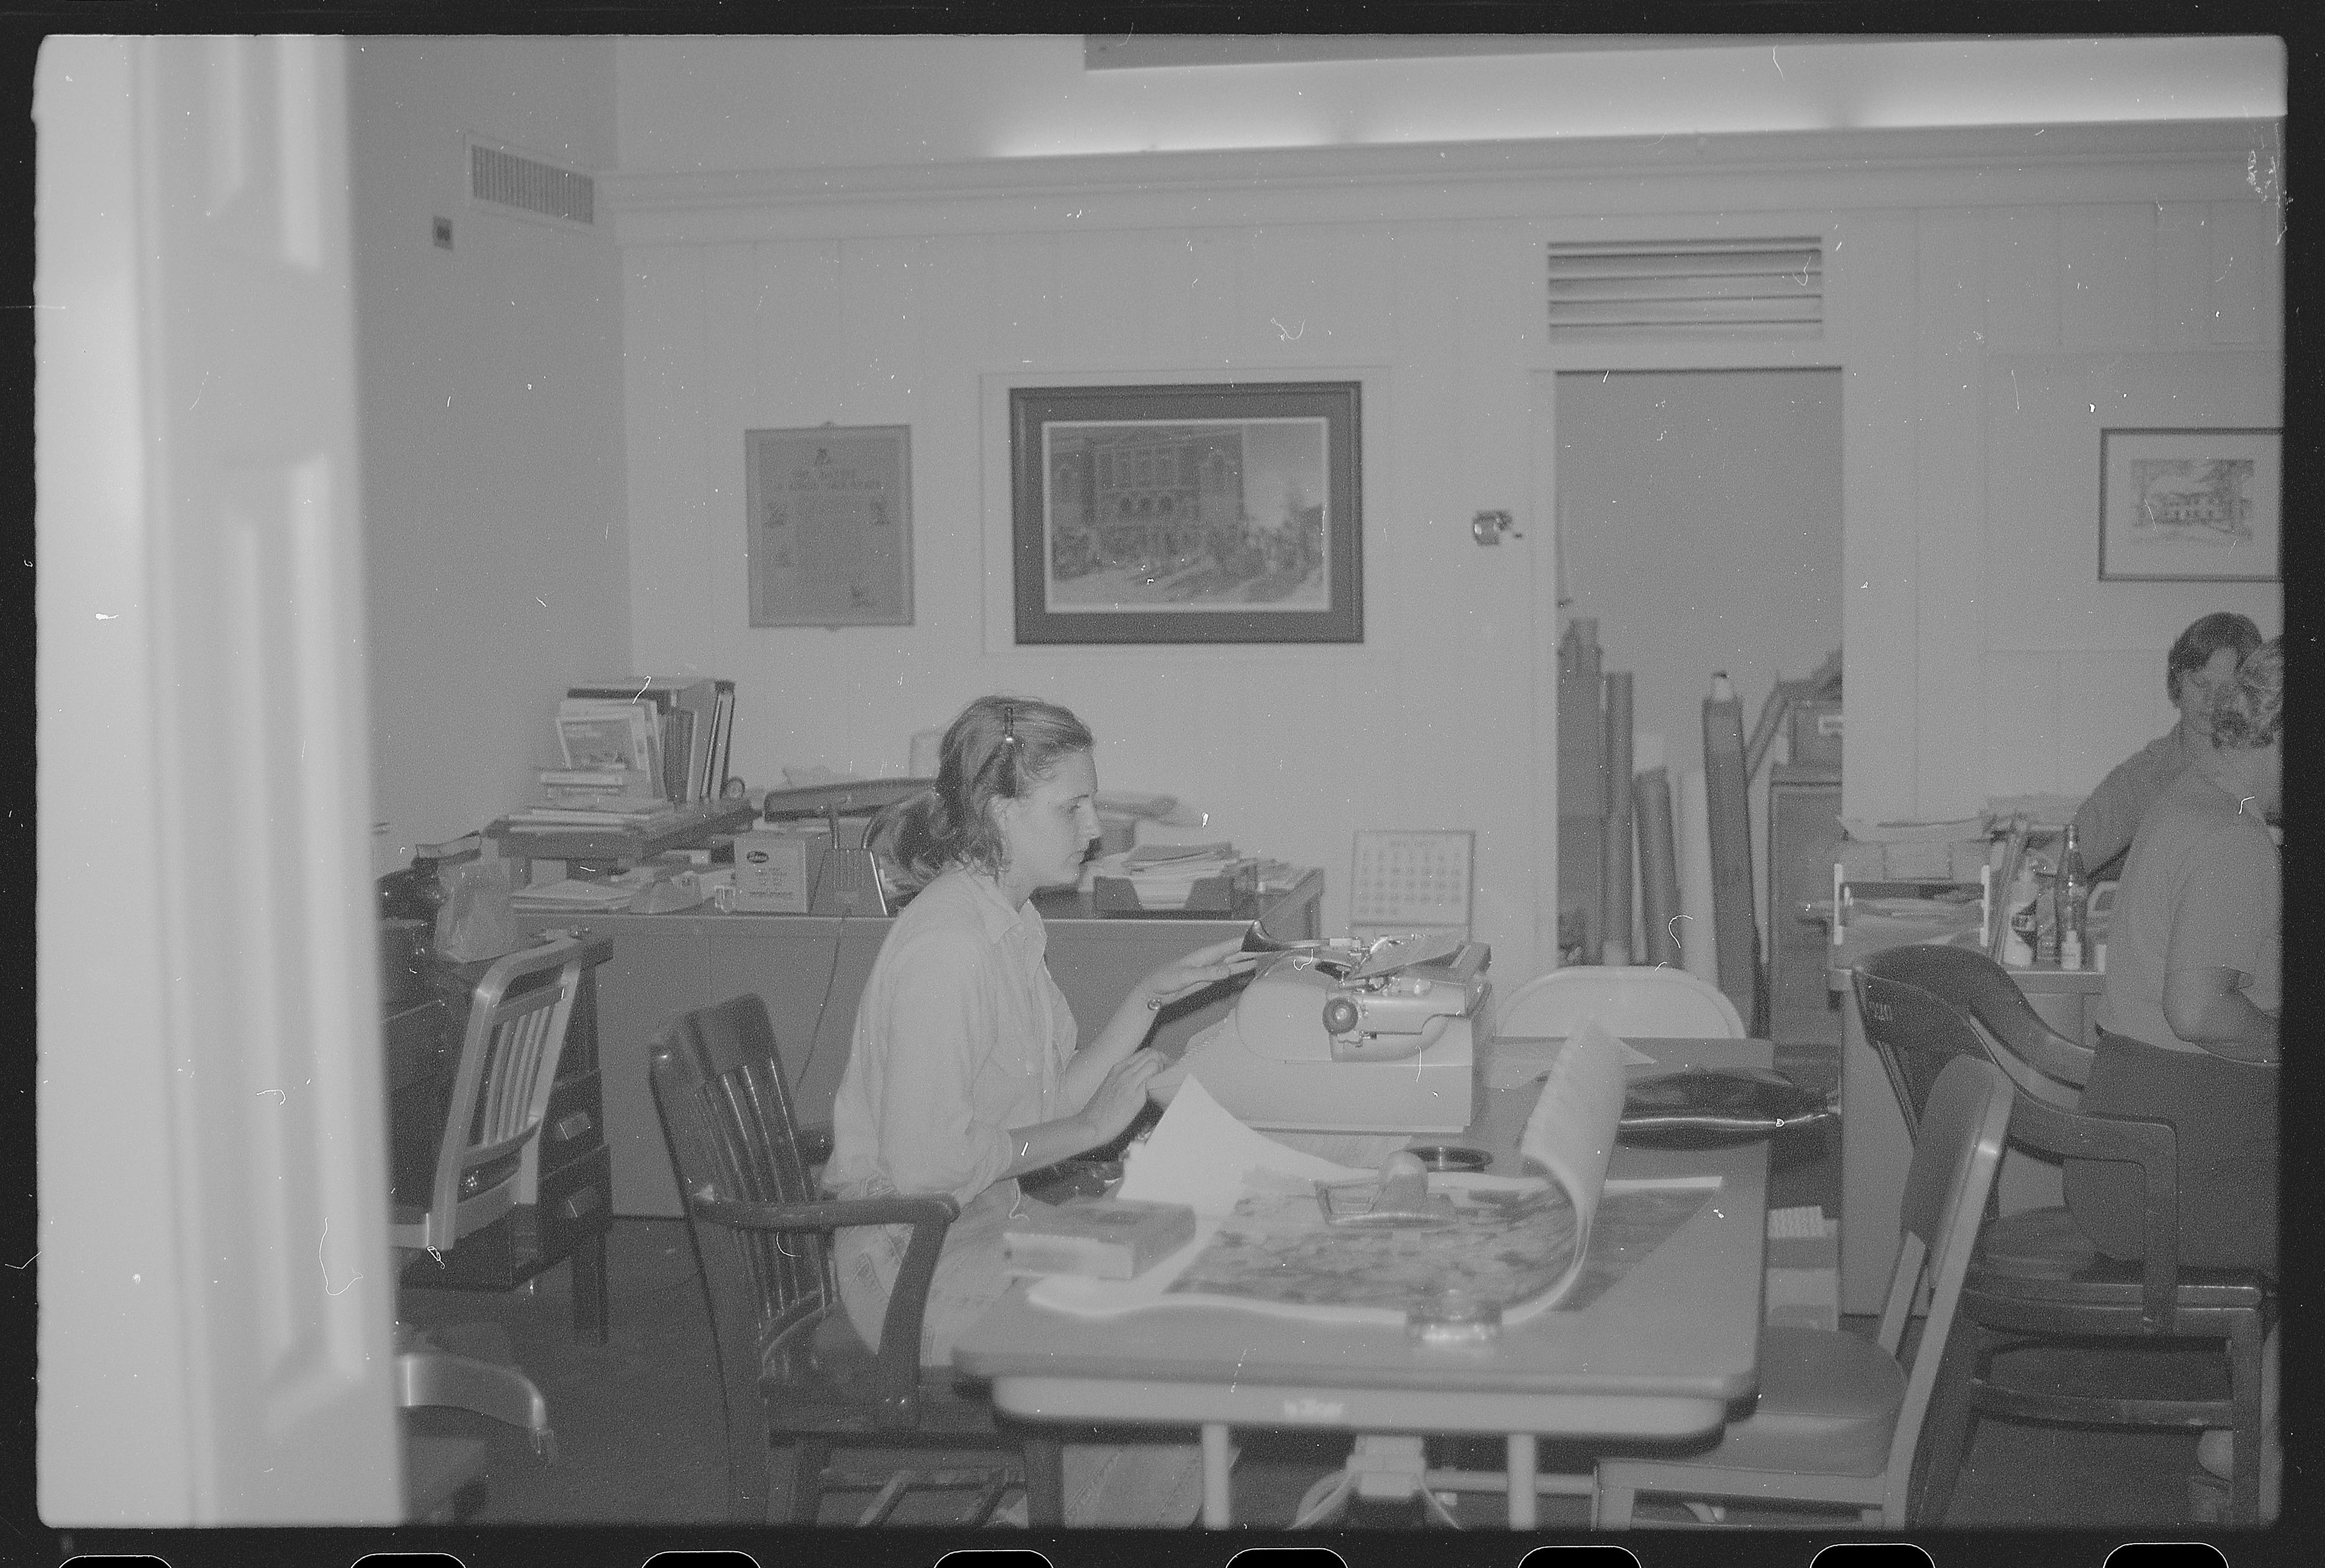 Women working at desks